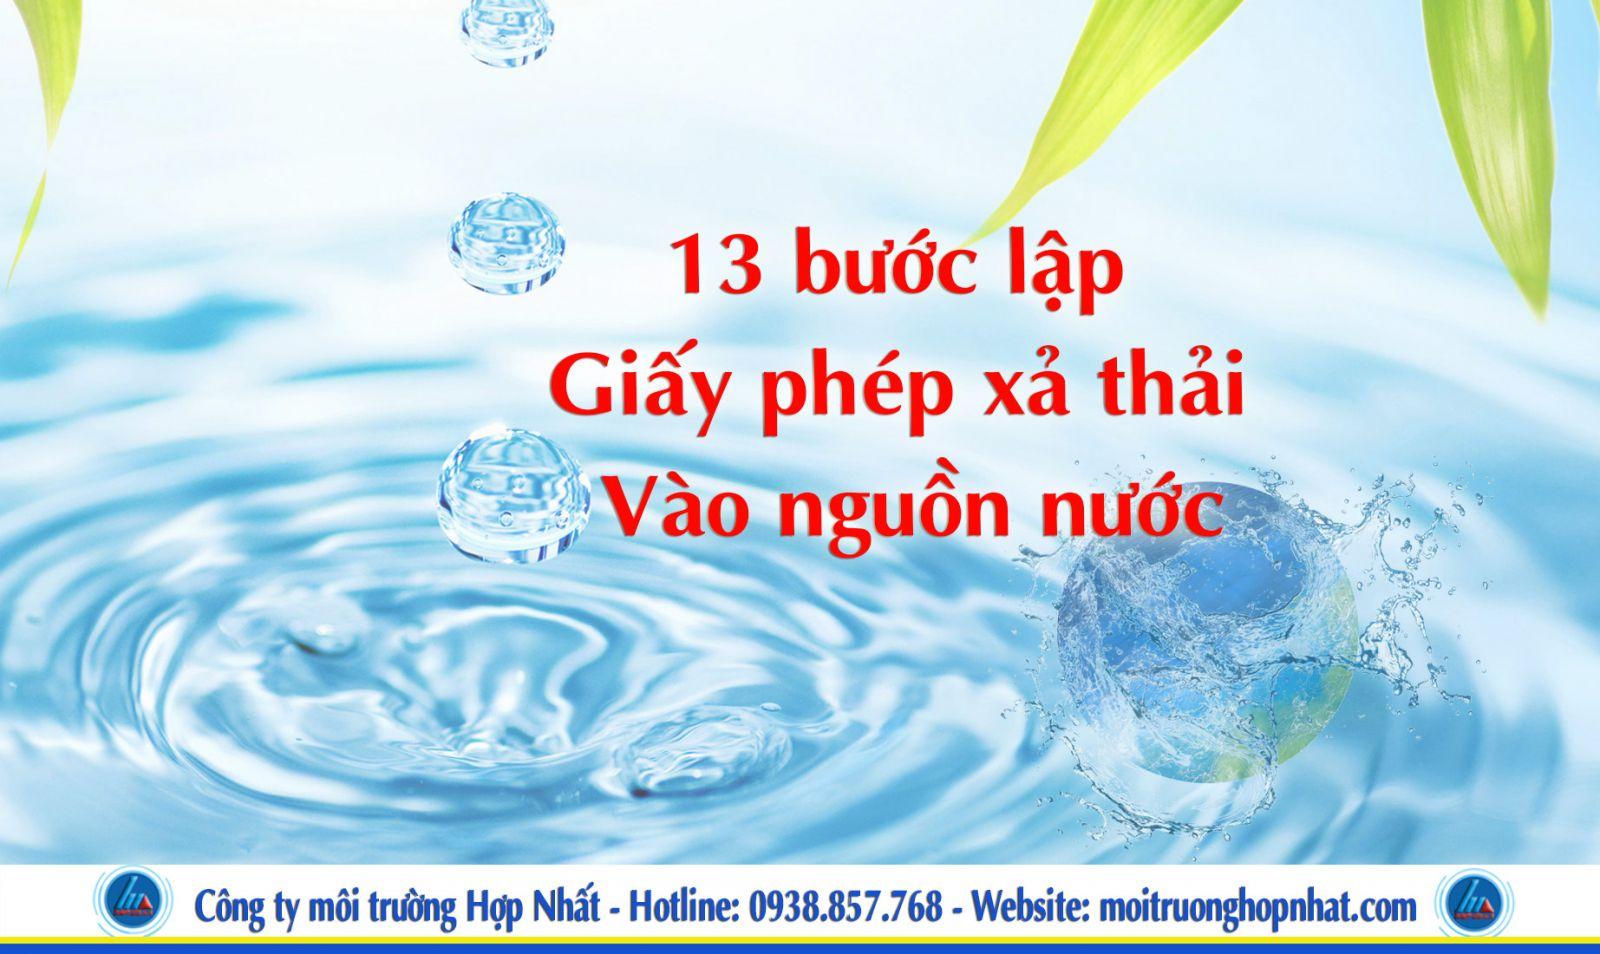 13 bước lập giấy phép xả nước thải vào nguồn nước